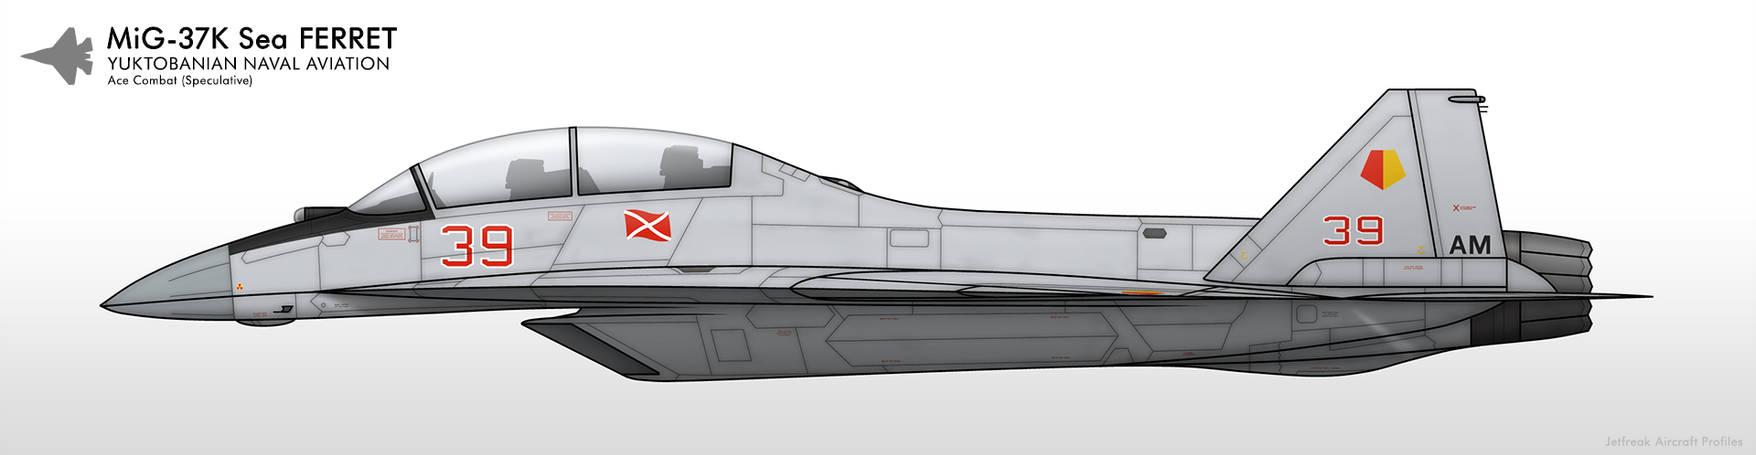 MiG-37K - Yuktobanian Navy